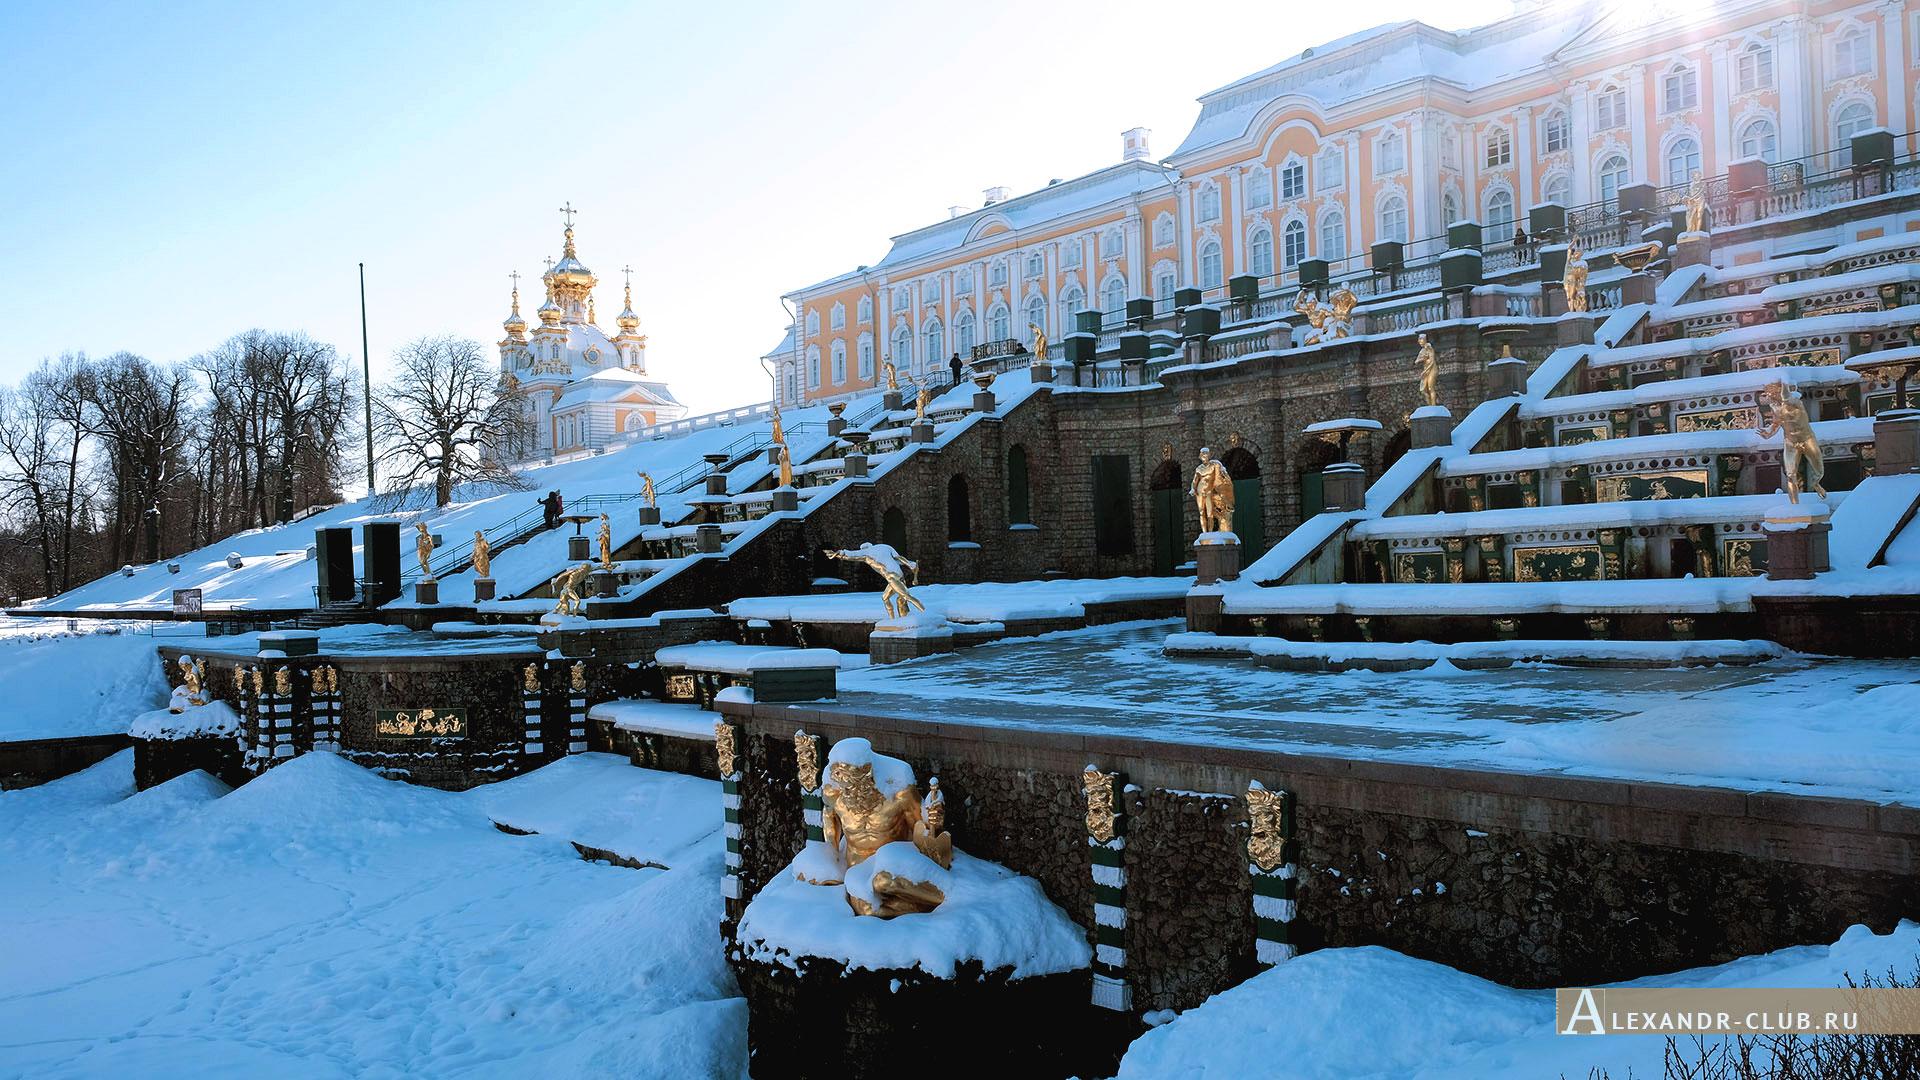 Петергоф, зима, Нижний парк, Большой каскад и Большой петергофский дворец – 4